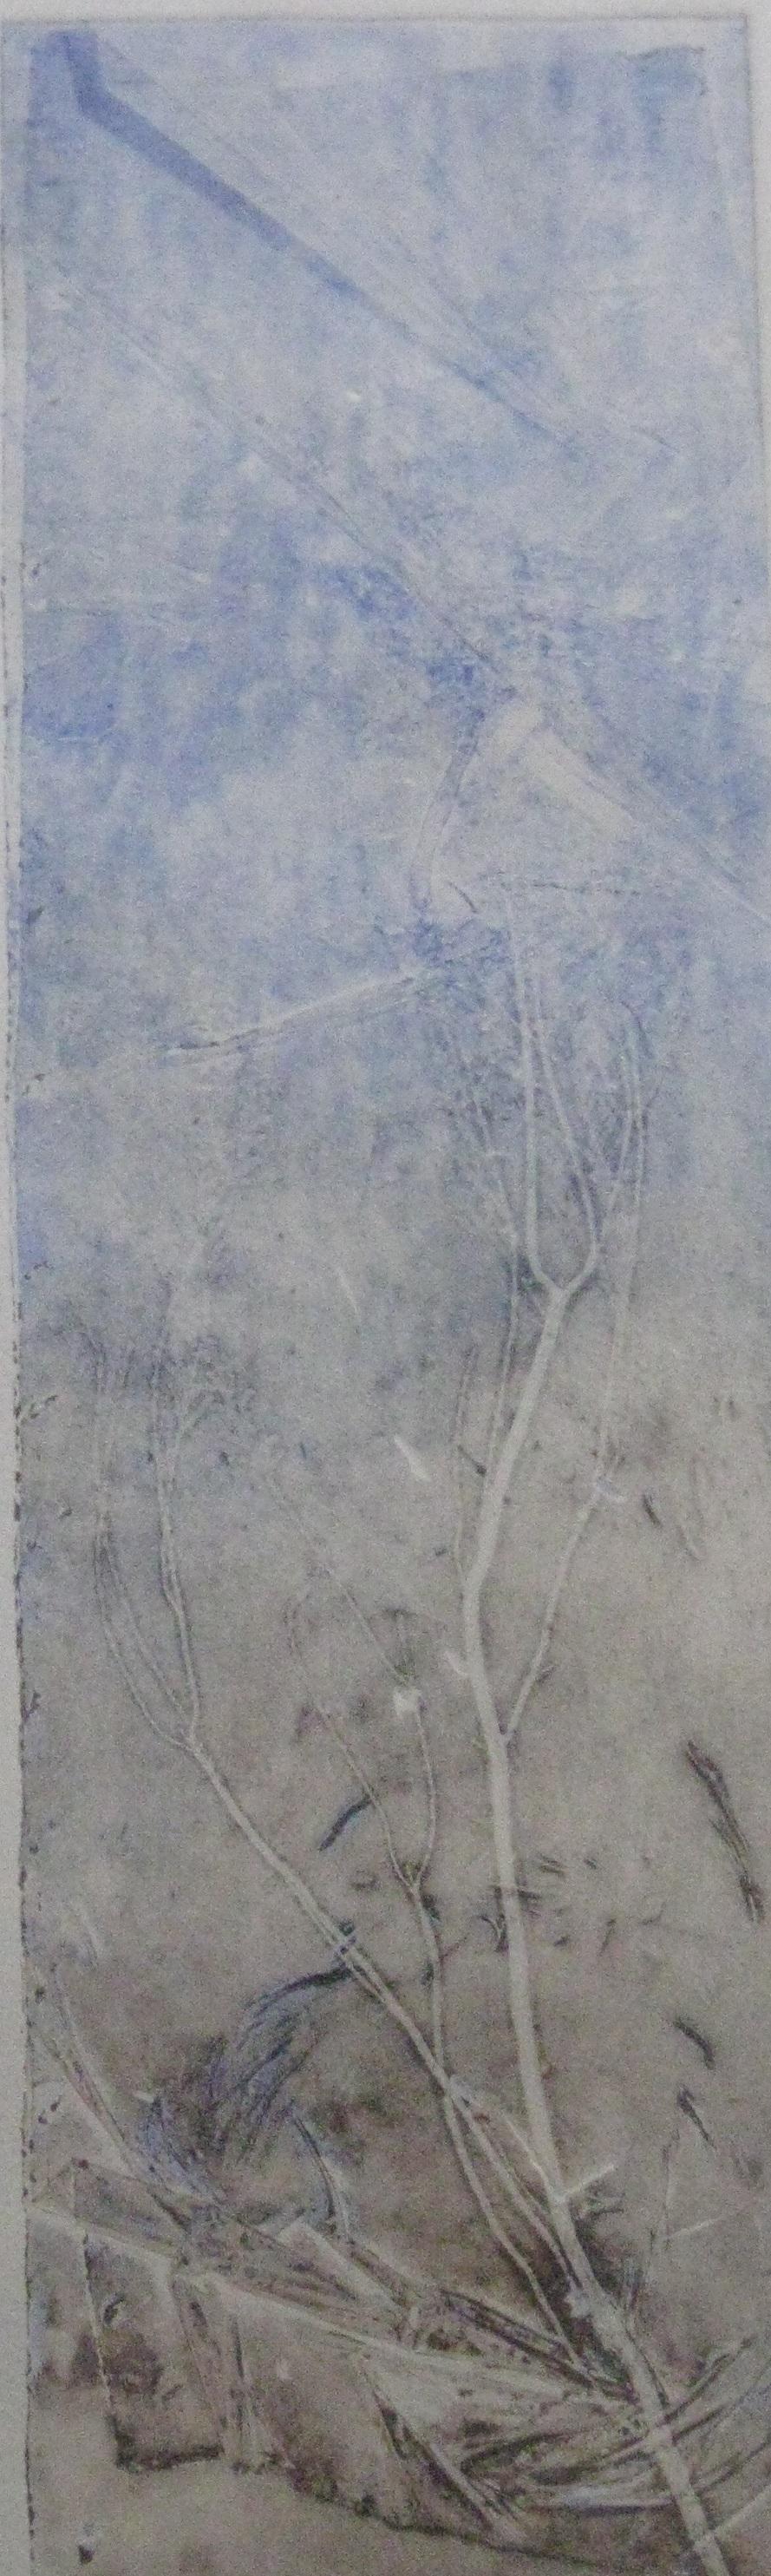 Le emozioni lasciano impronte, 2002